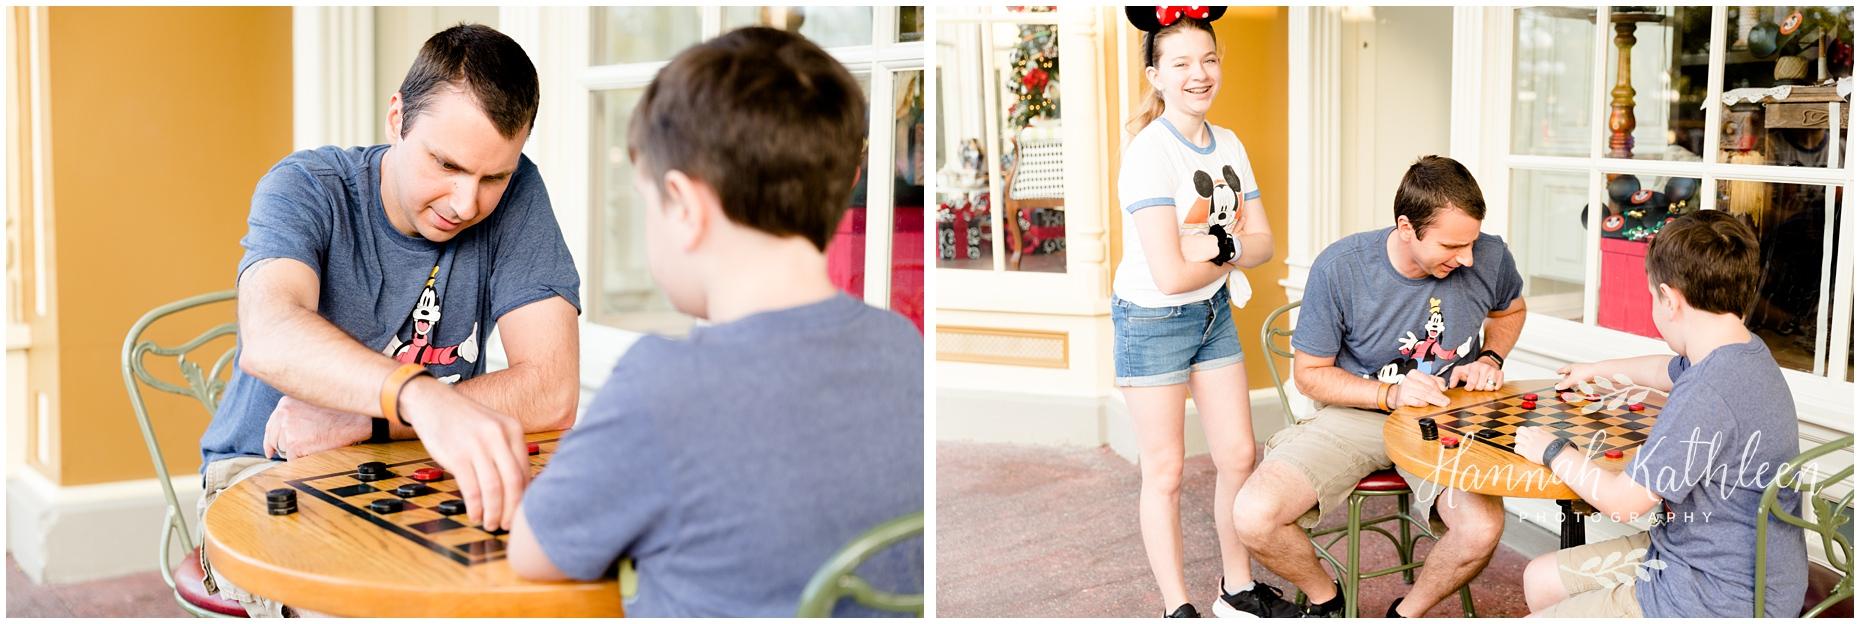 Disney_World_Lifestyle_Family_Magic_Kingdom_Photographer